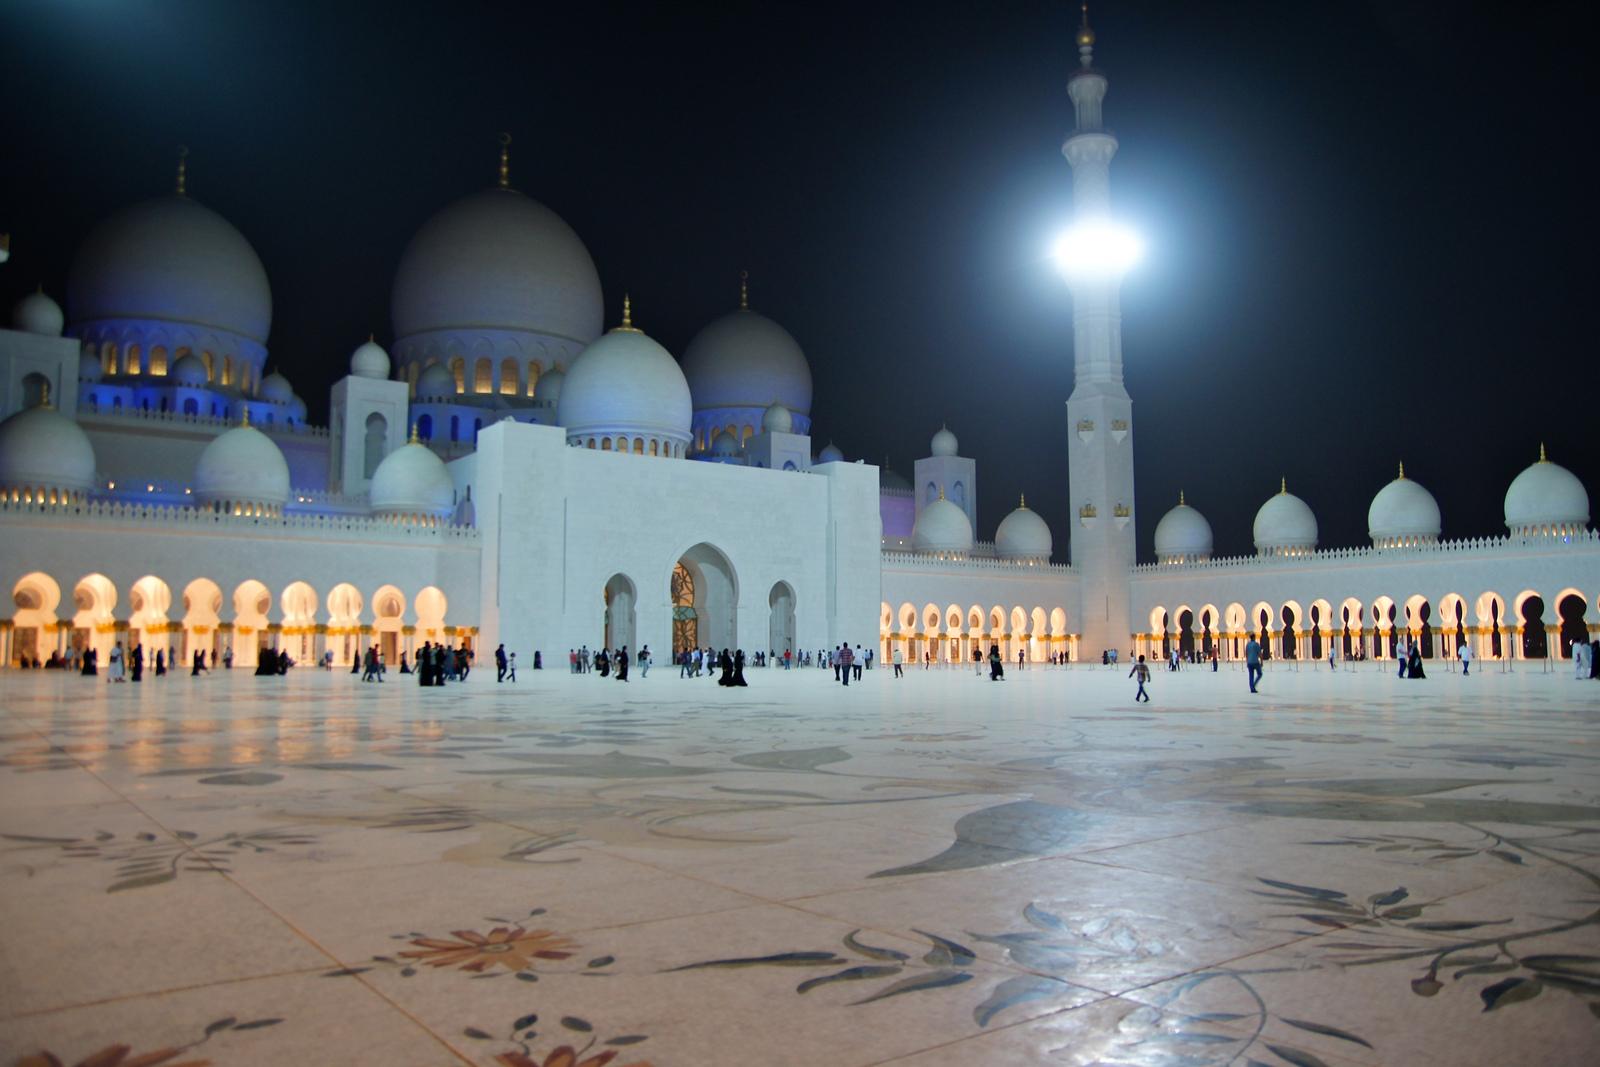 Мечеть Джумейра; площадь, украшенная орнаментом